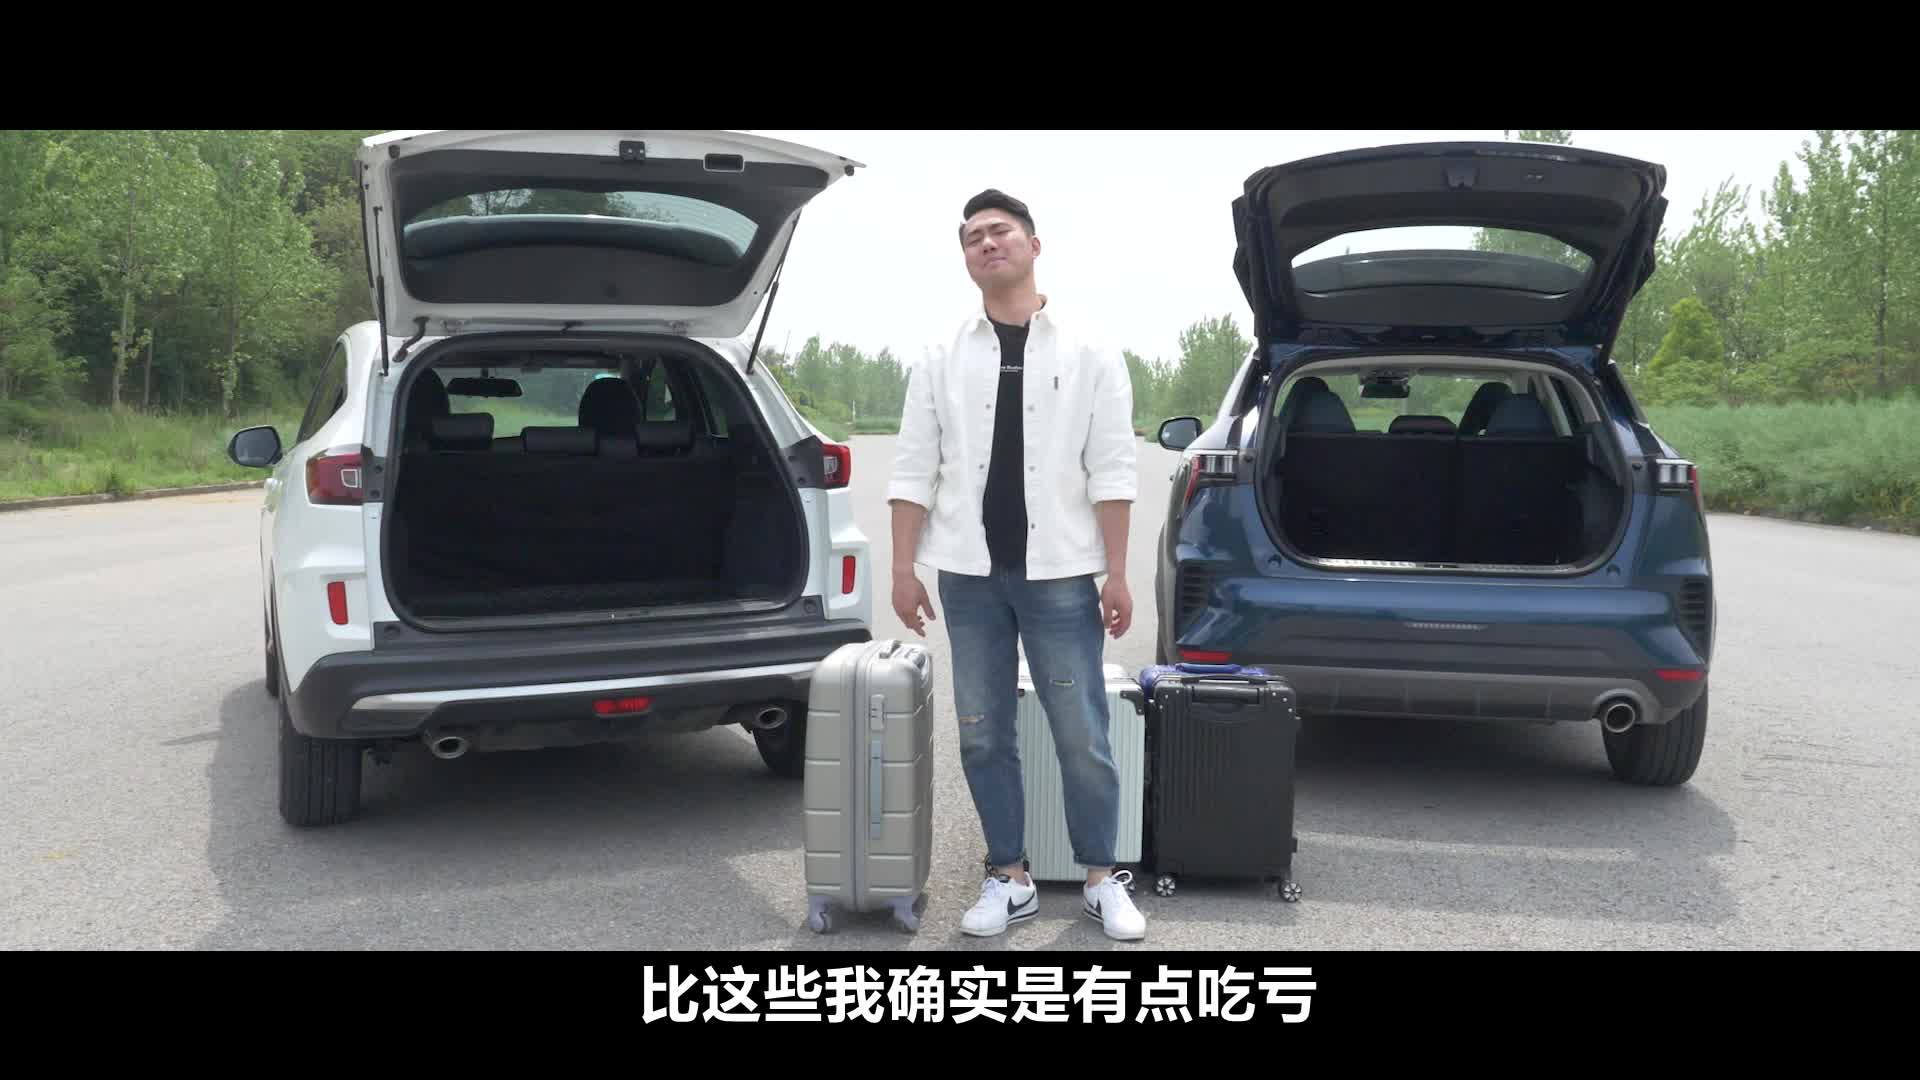 视频:领克06、本田XR-V后备箱空间实测,谁更能装?